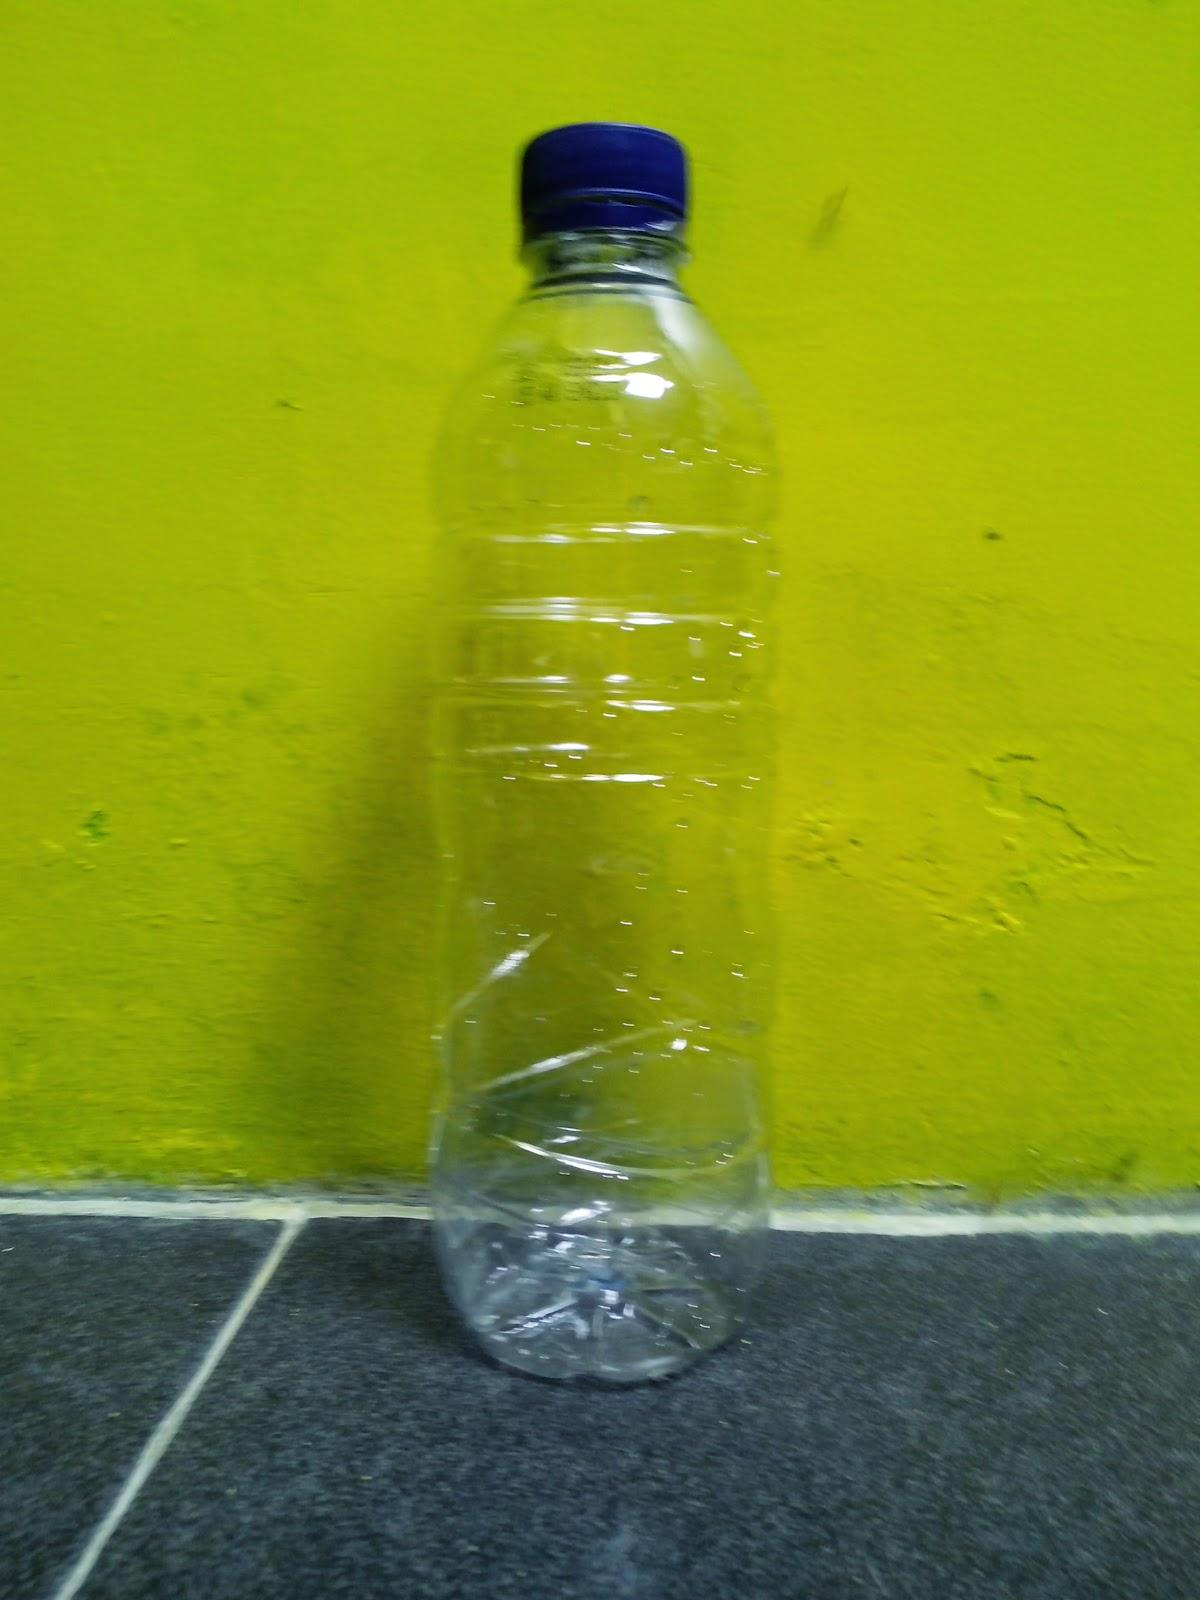 Menanam Sayuran Hidroponik Menggunakan Botol Minuman Bekas